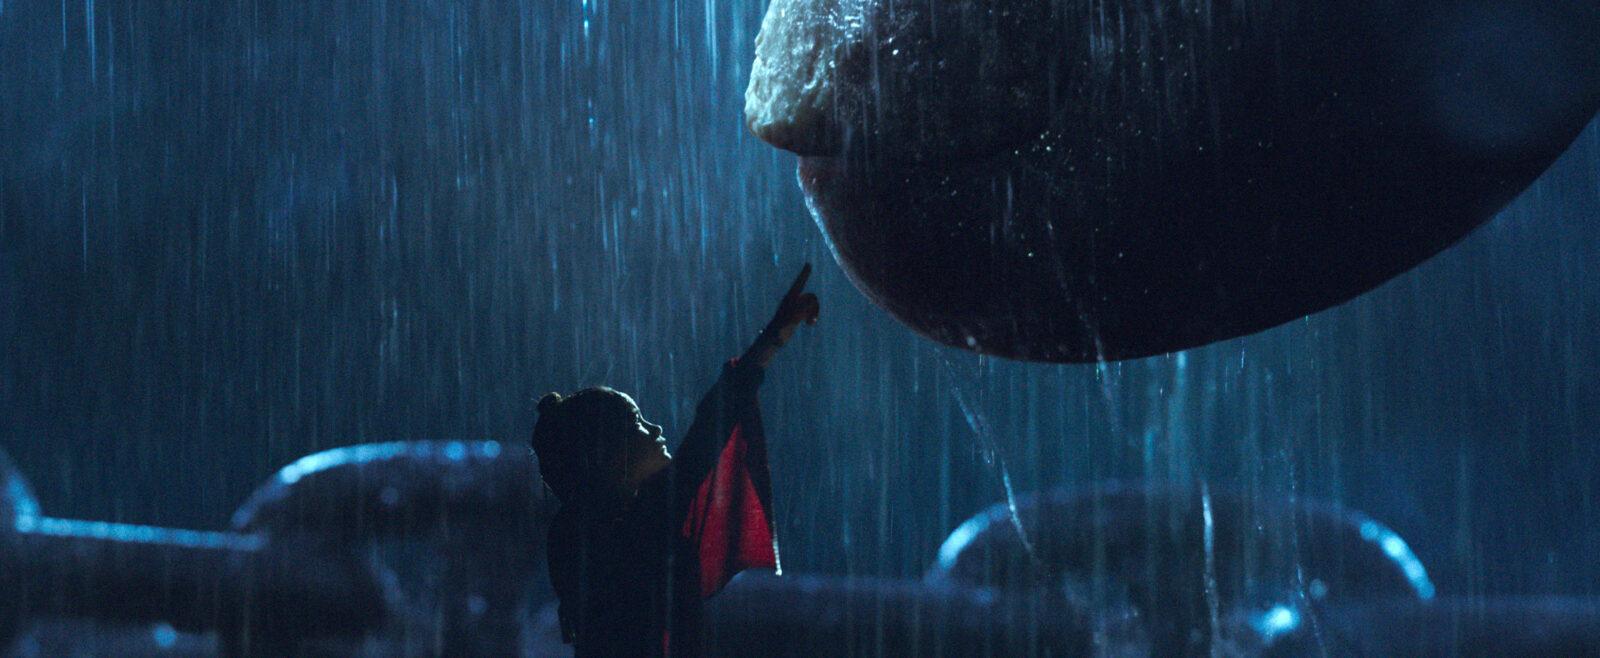 King-Kong-Skull-Island-Godzilla-vs-g-hbo-max